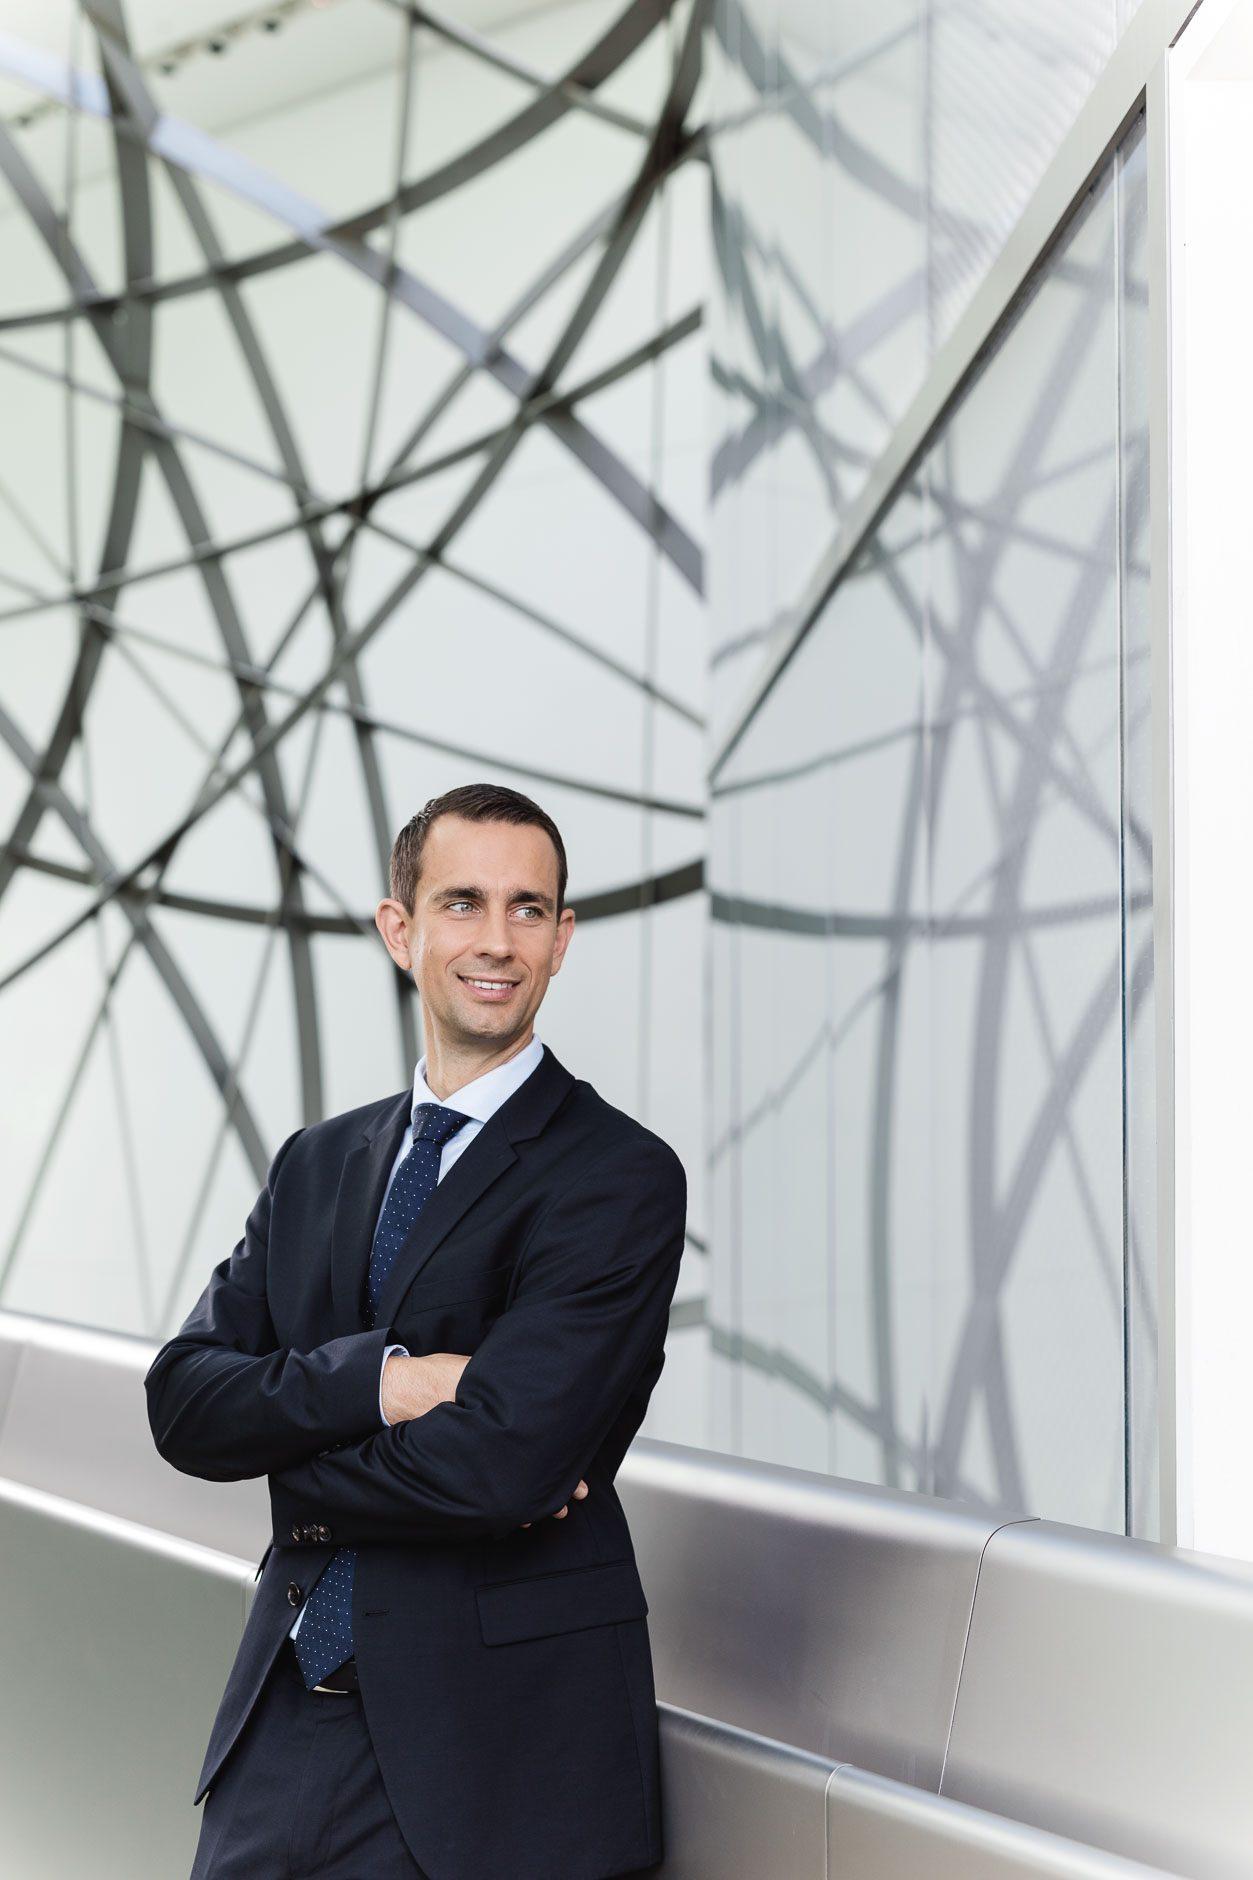 Businessporträt Christoph Zschätzsch, Leiter Baufinanzierung Deutsche Bank, Frankfurt am Main